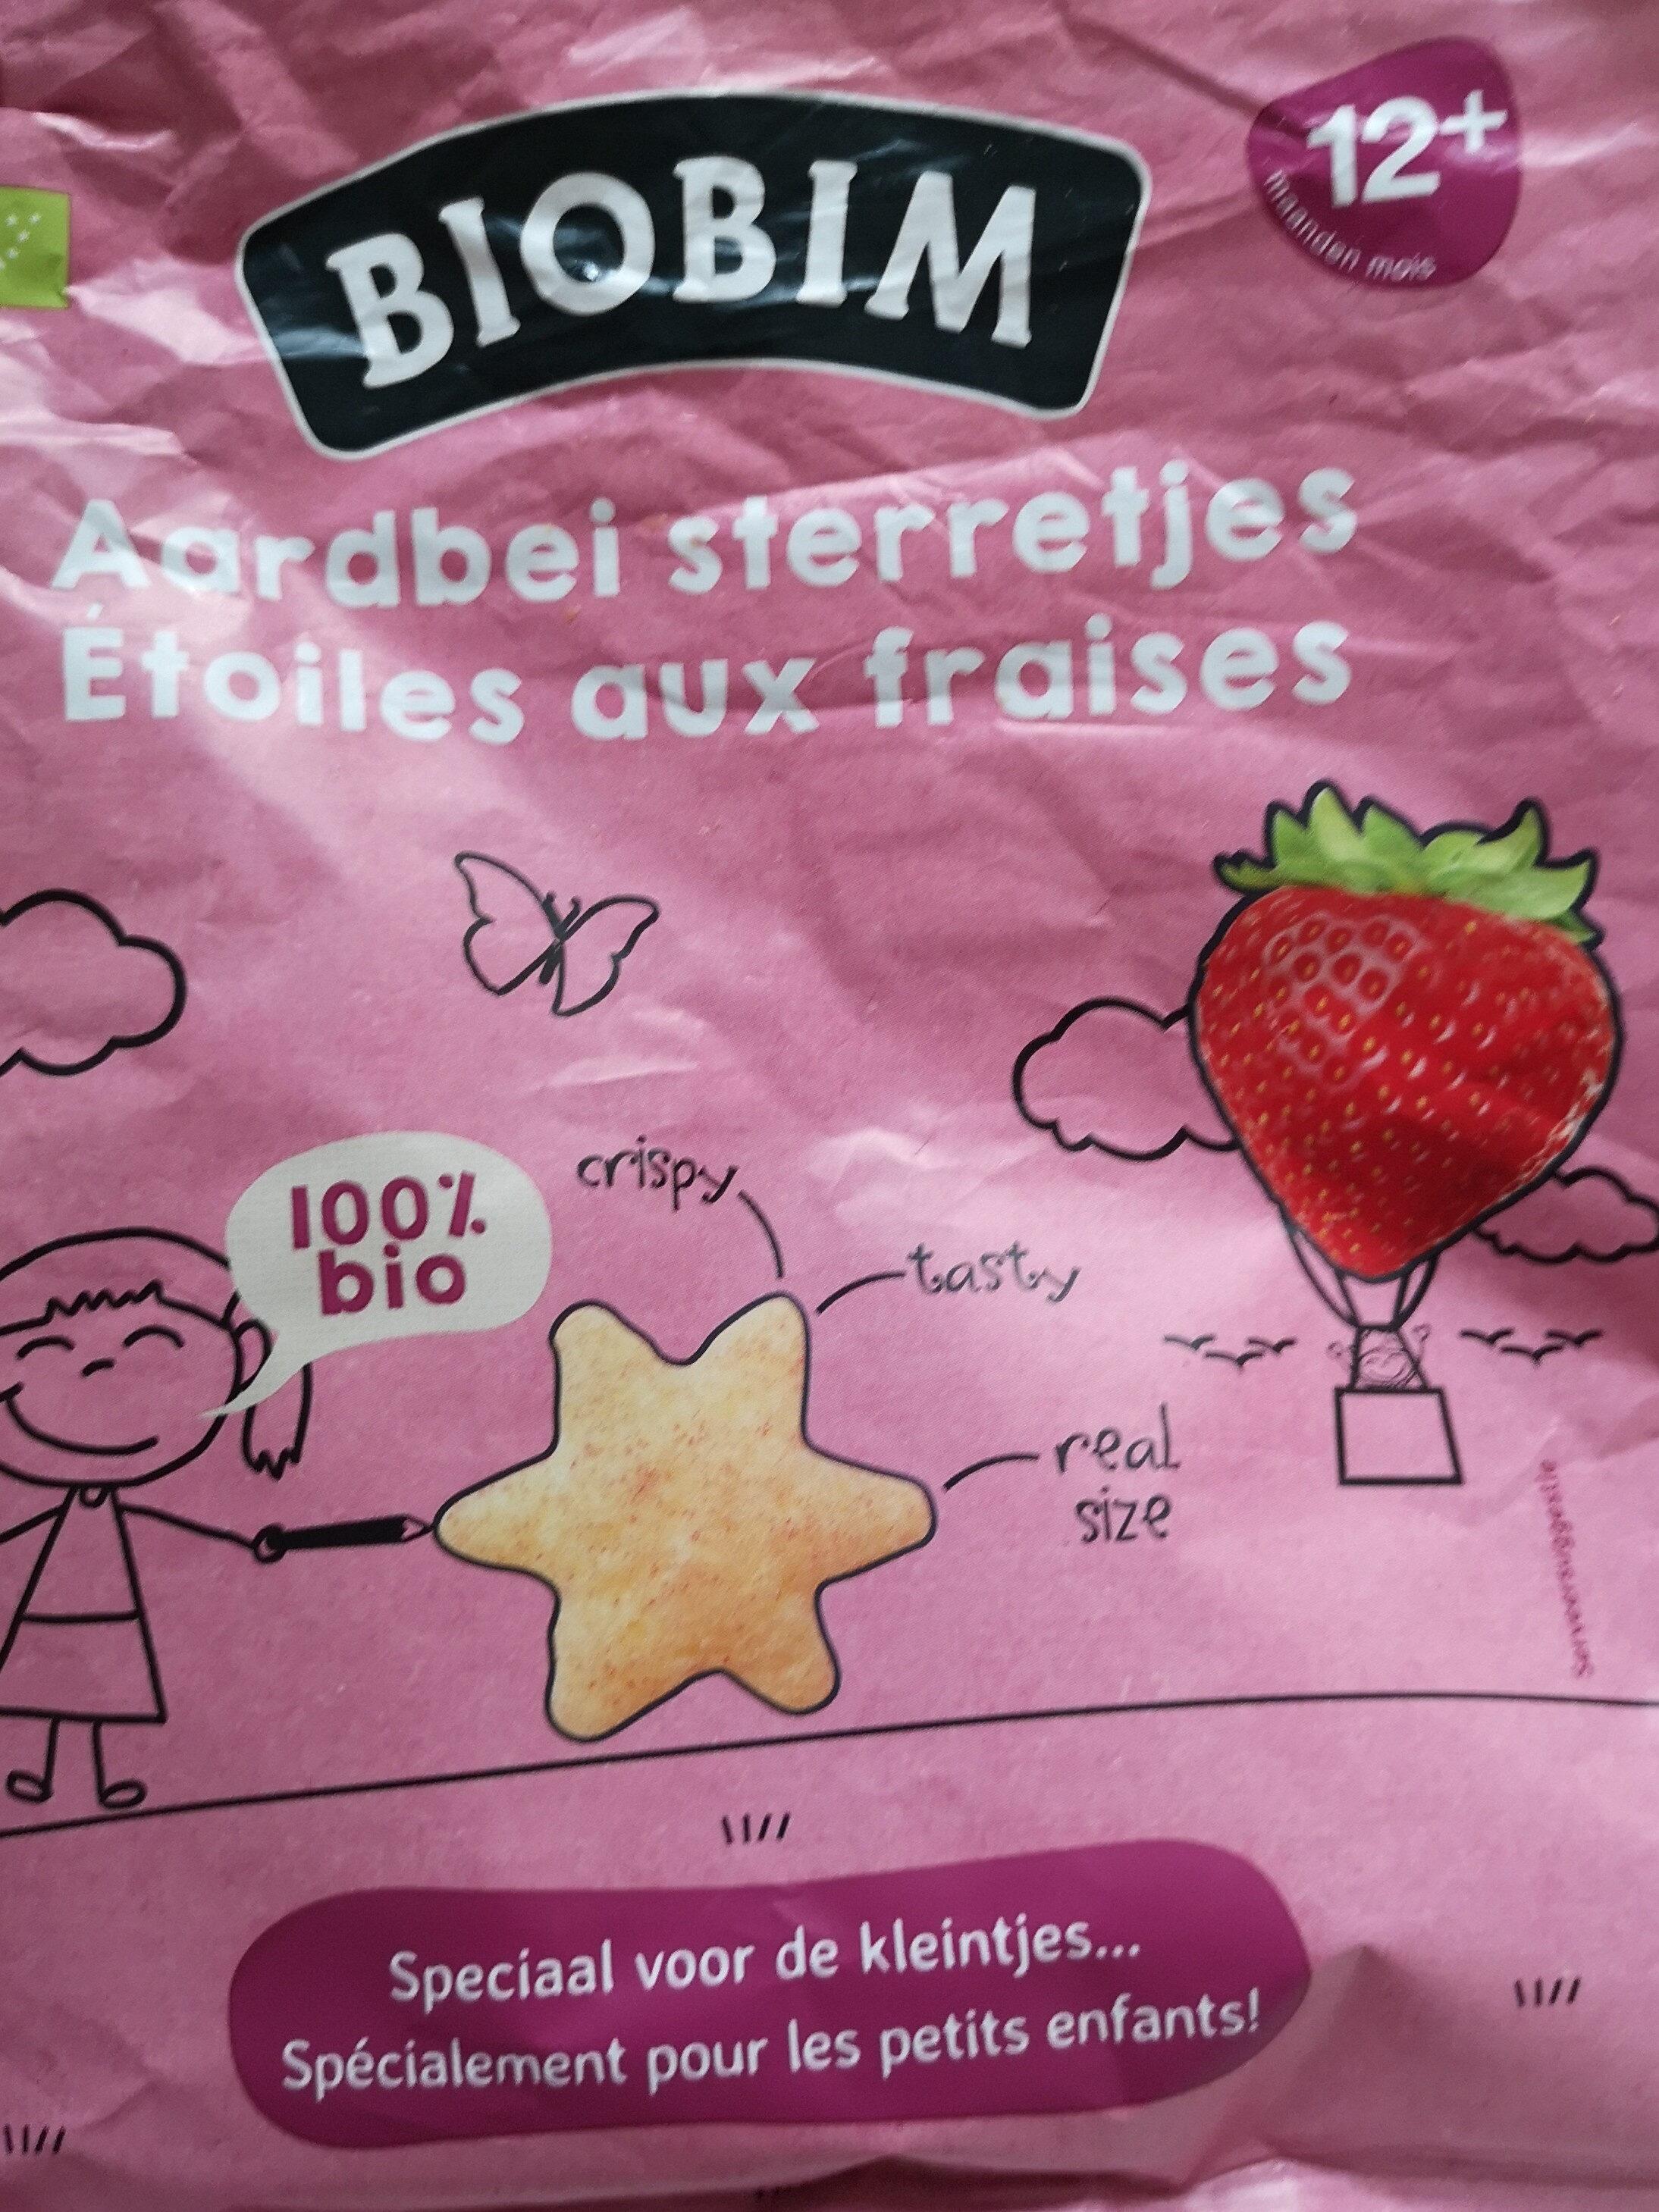 Etoiles aux fraises - Product - fr